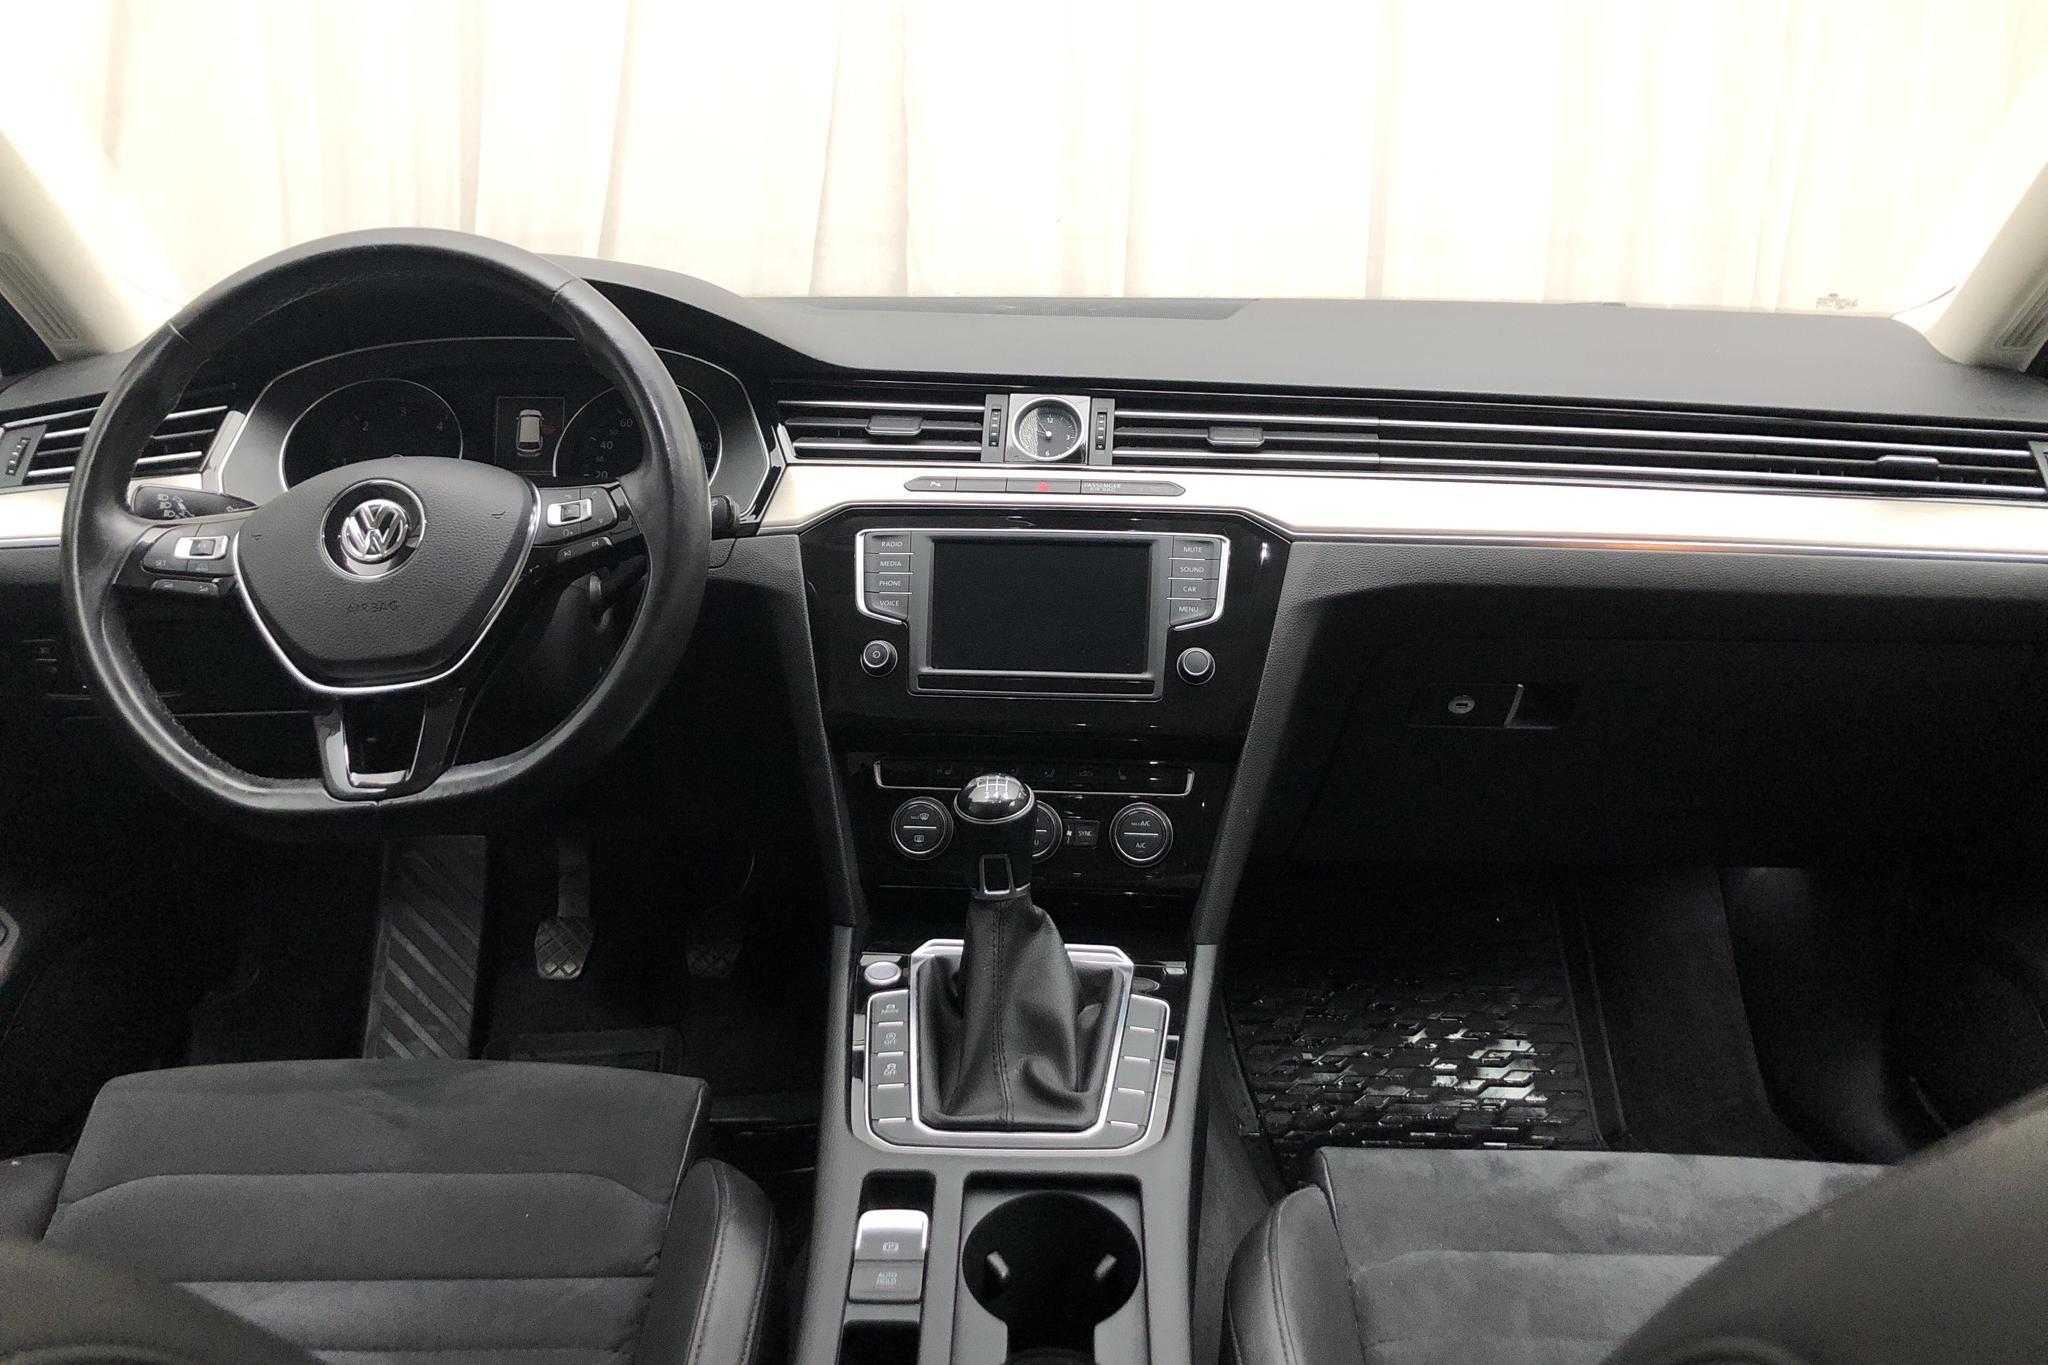 VW Passat 2.0 TDI Sportscombi (190hk) - 13 703 mil - Manuell - Dark Blue - 2016